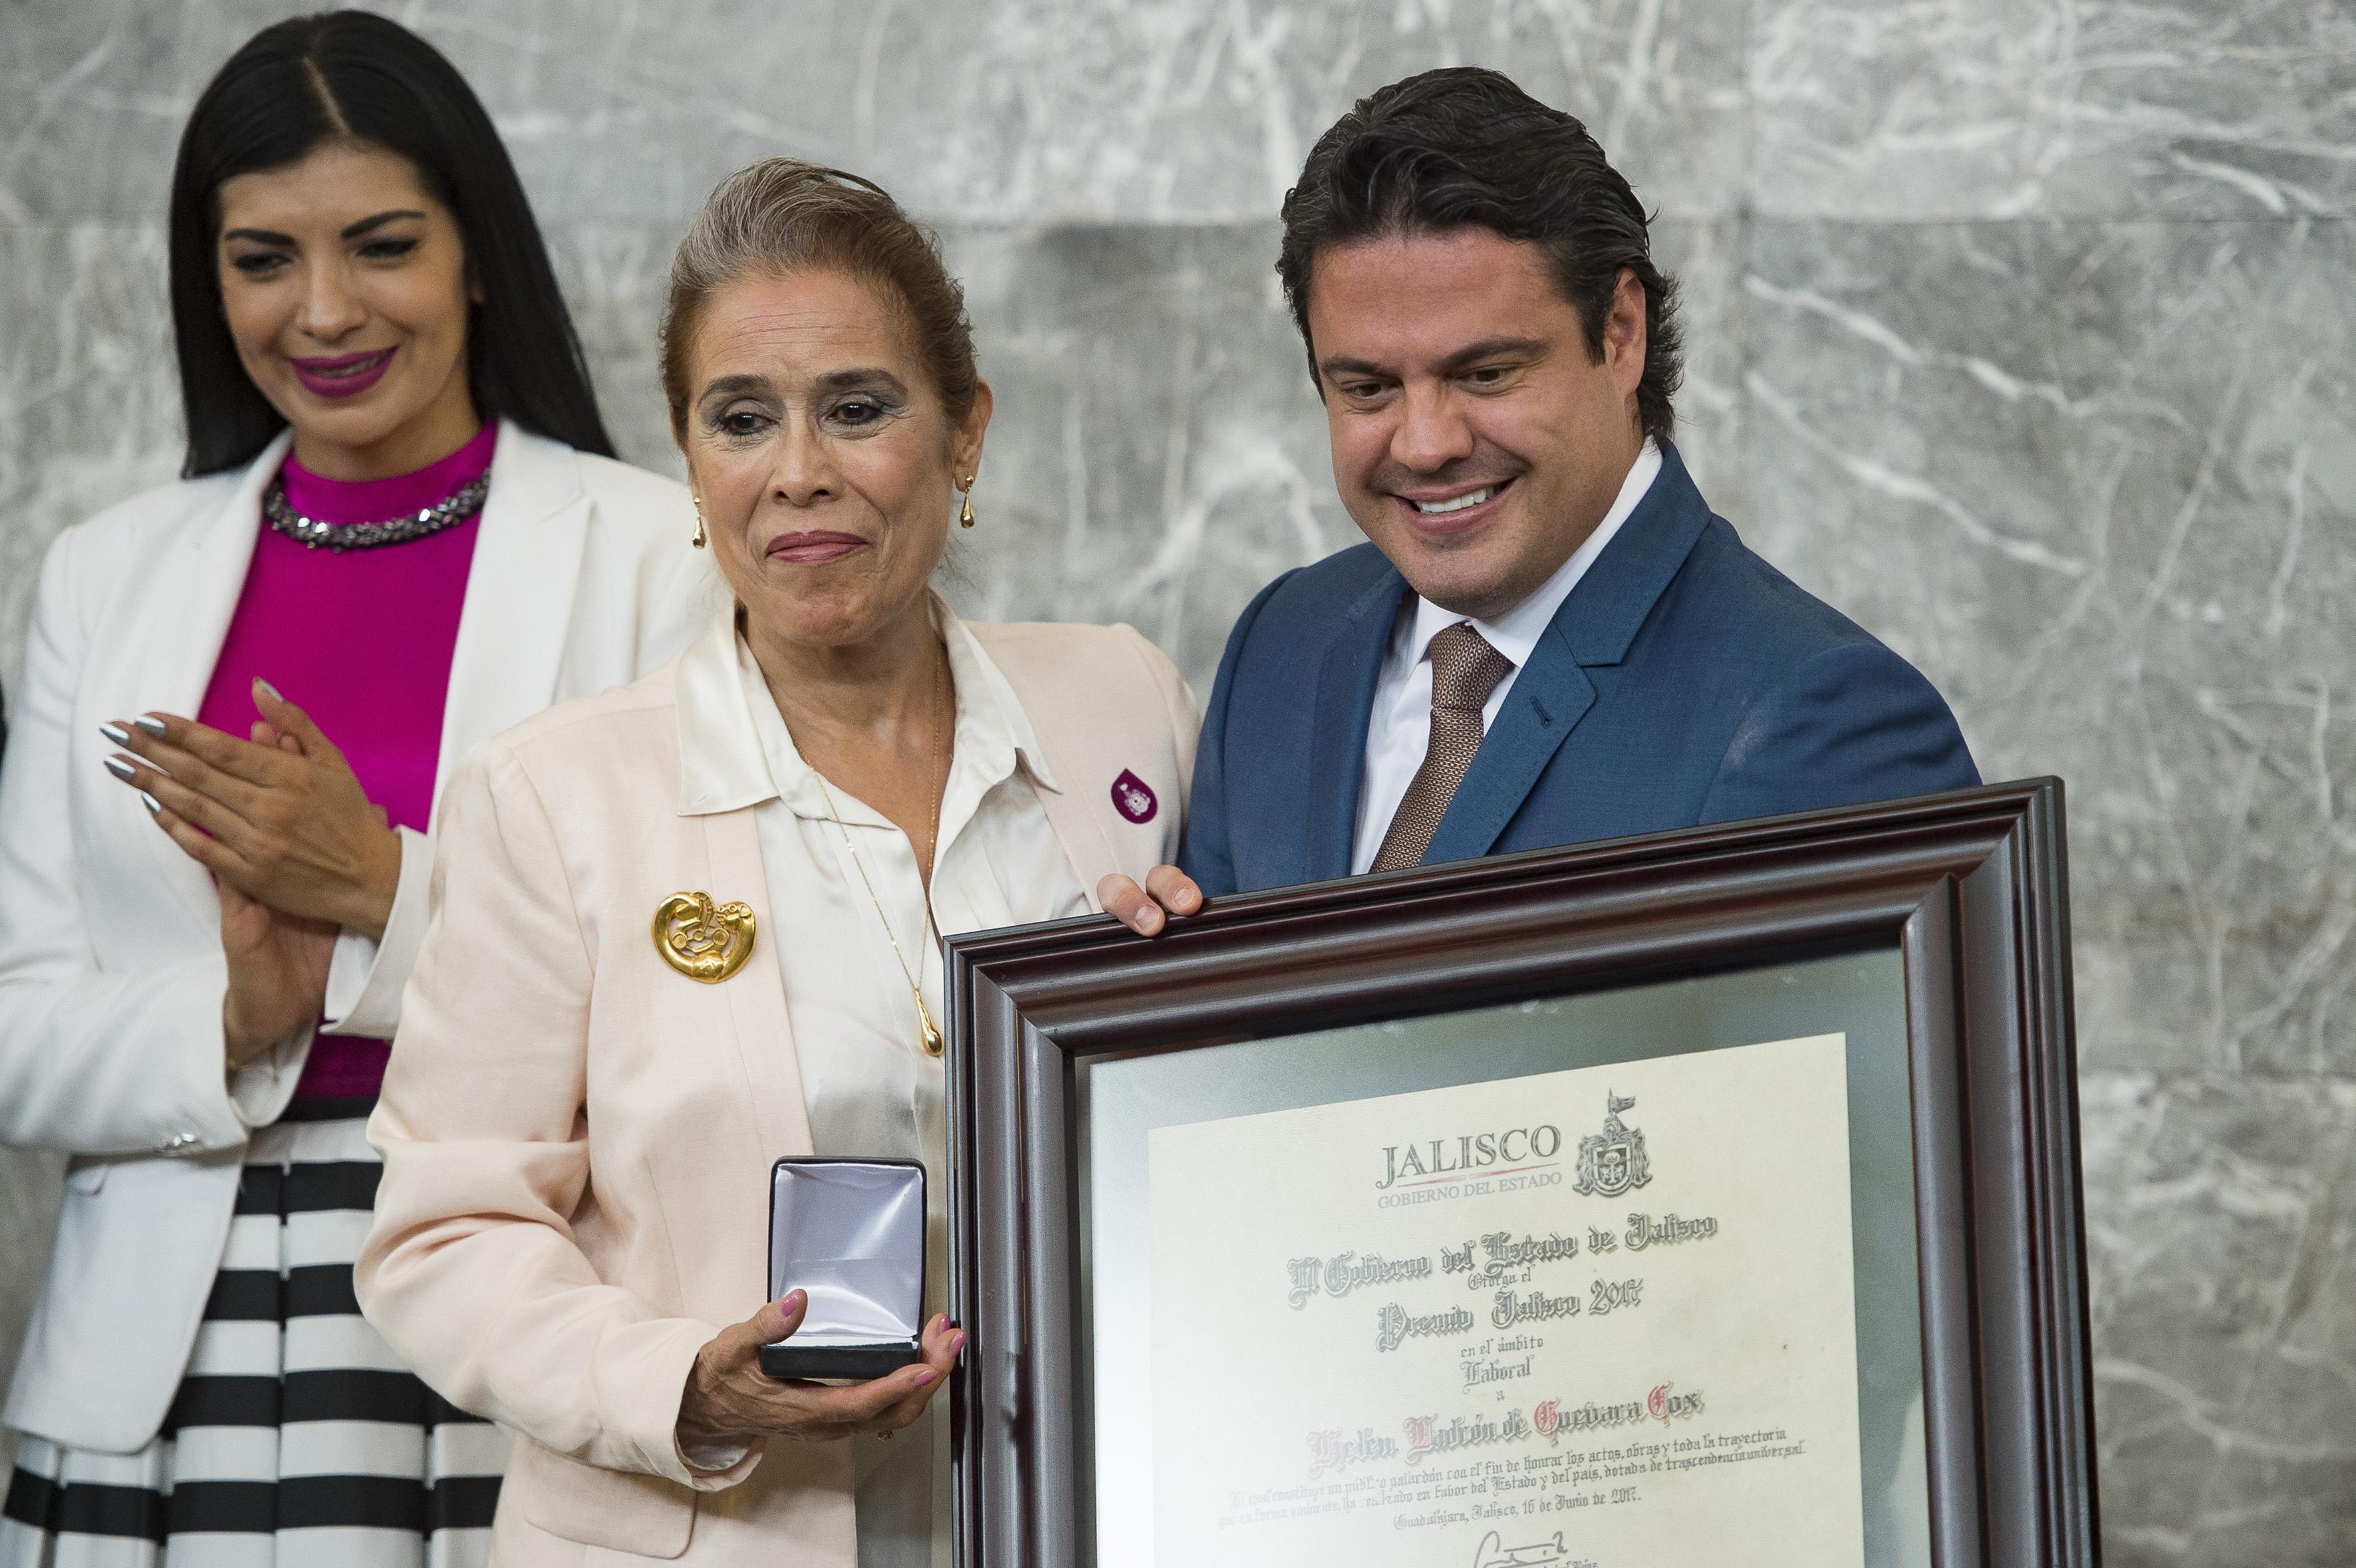 Gobernador de Jalisco, maestro Jorge Aristóteles Sandoval Díaz, haciendo entrega de reconocimiento a la maestra Helen Ladrón de Guevara Cox, primera directora del Instituto de Bibliotecas de la UdeG